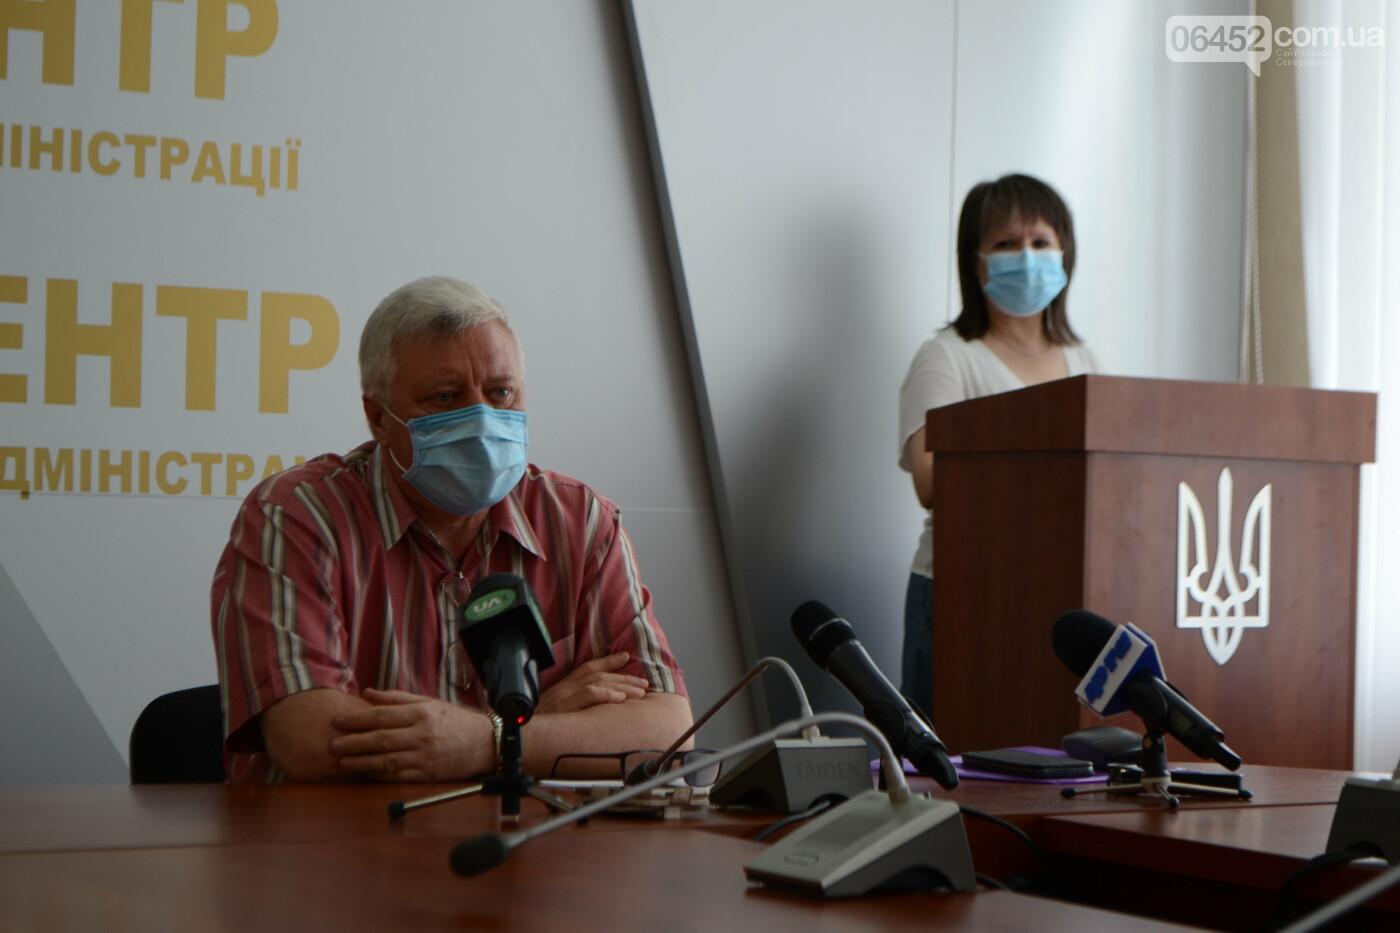 Северодонецк бьет печальный рекорд по случаям коронавируса в области, фото-1